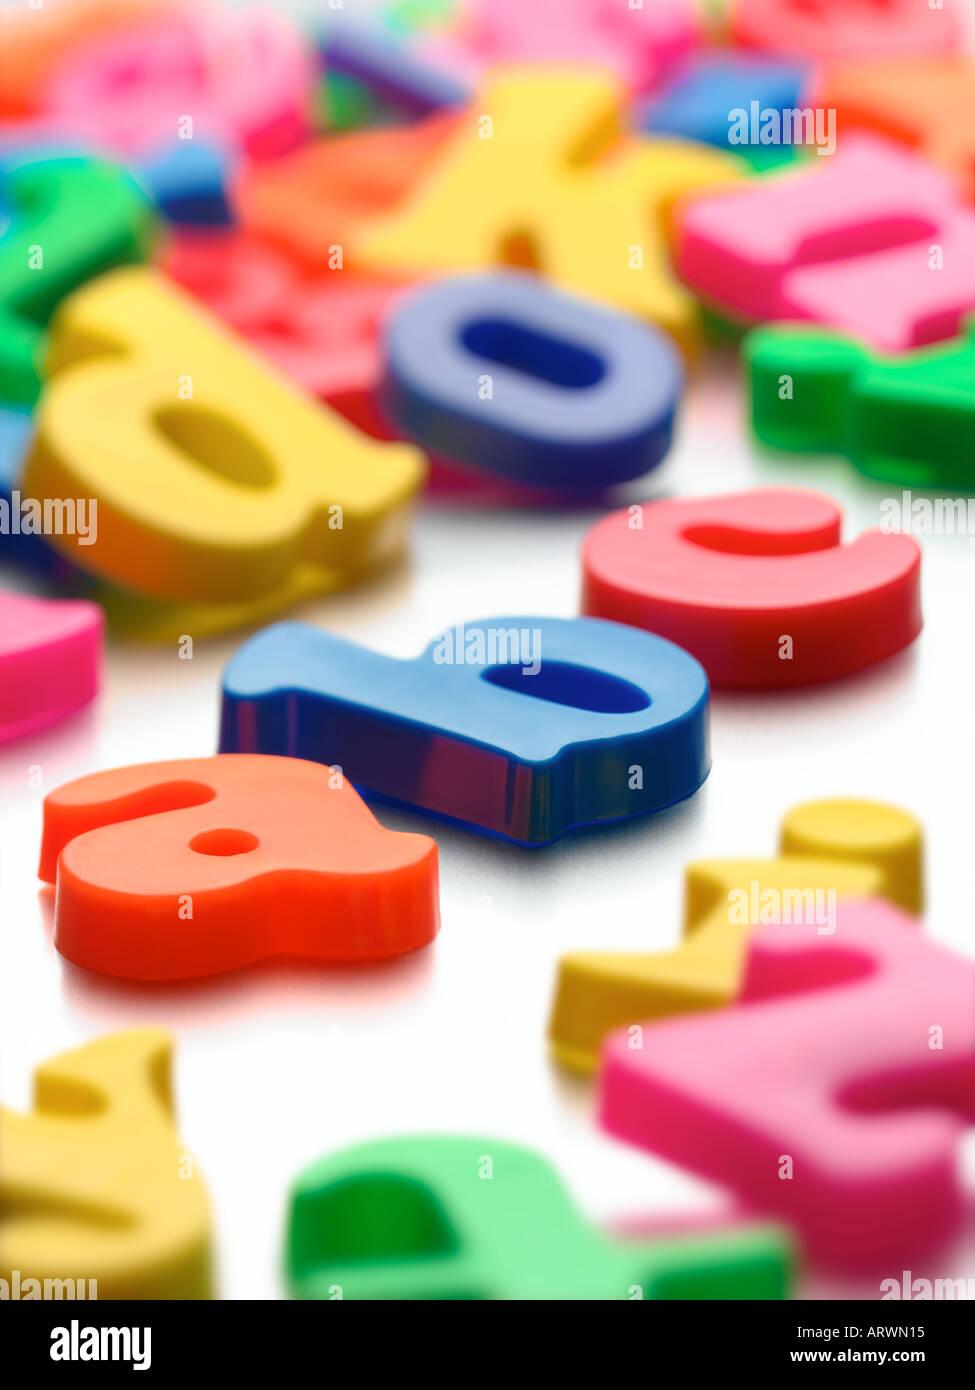 alphabet - Stock Image